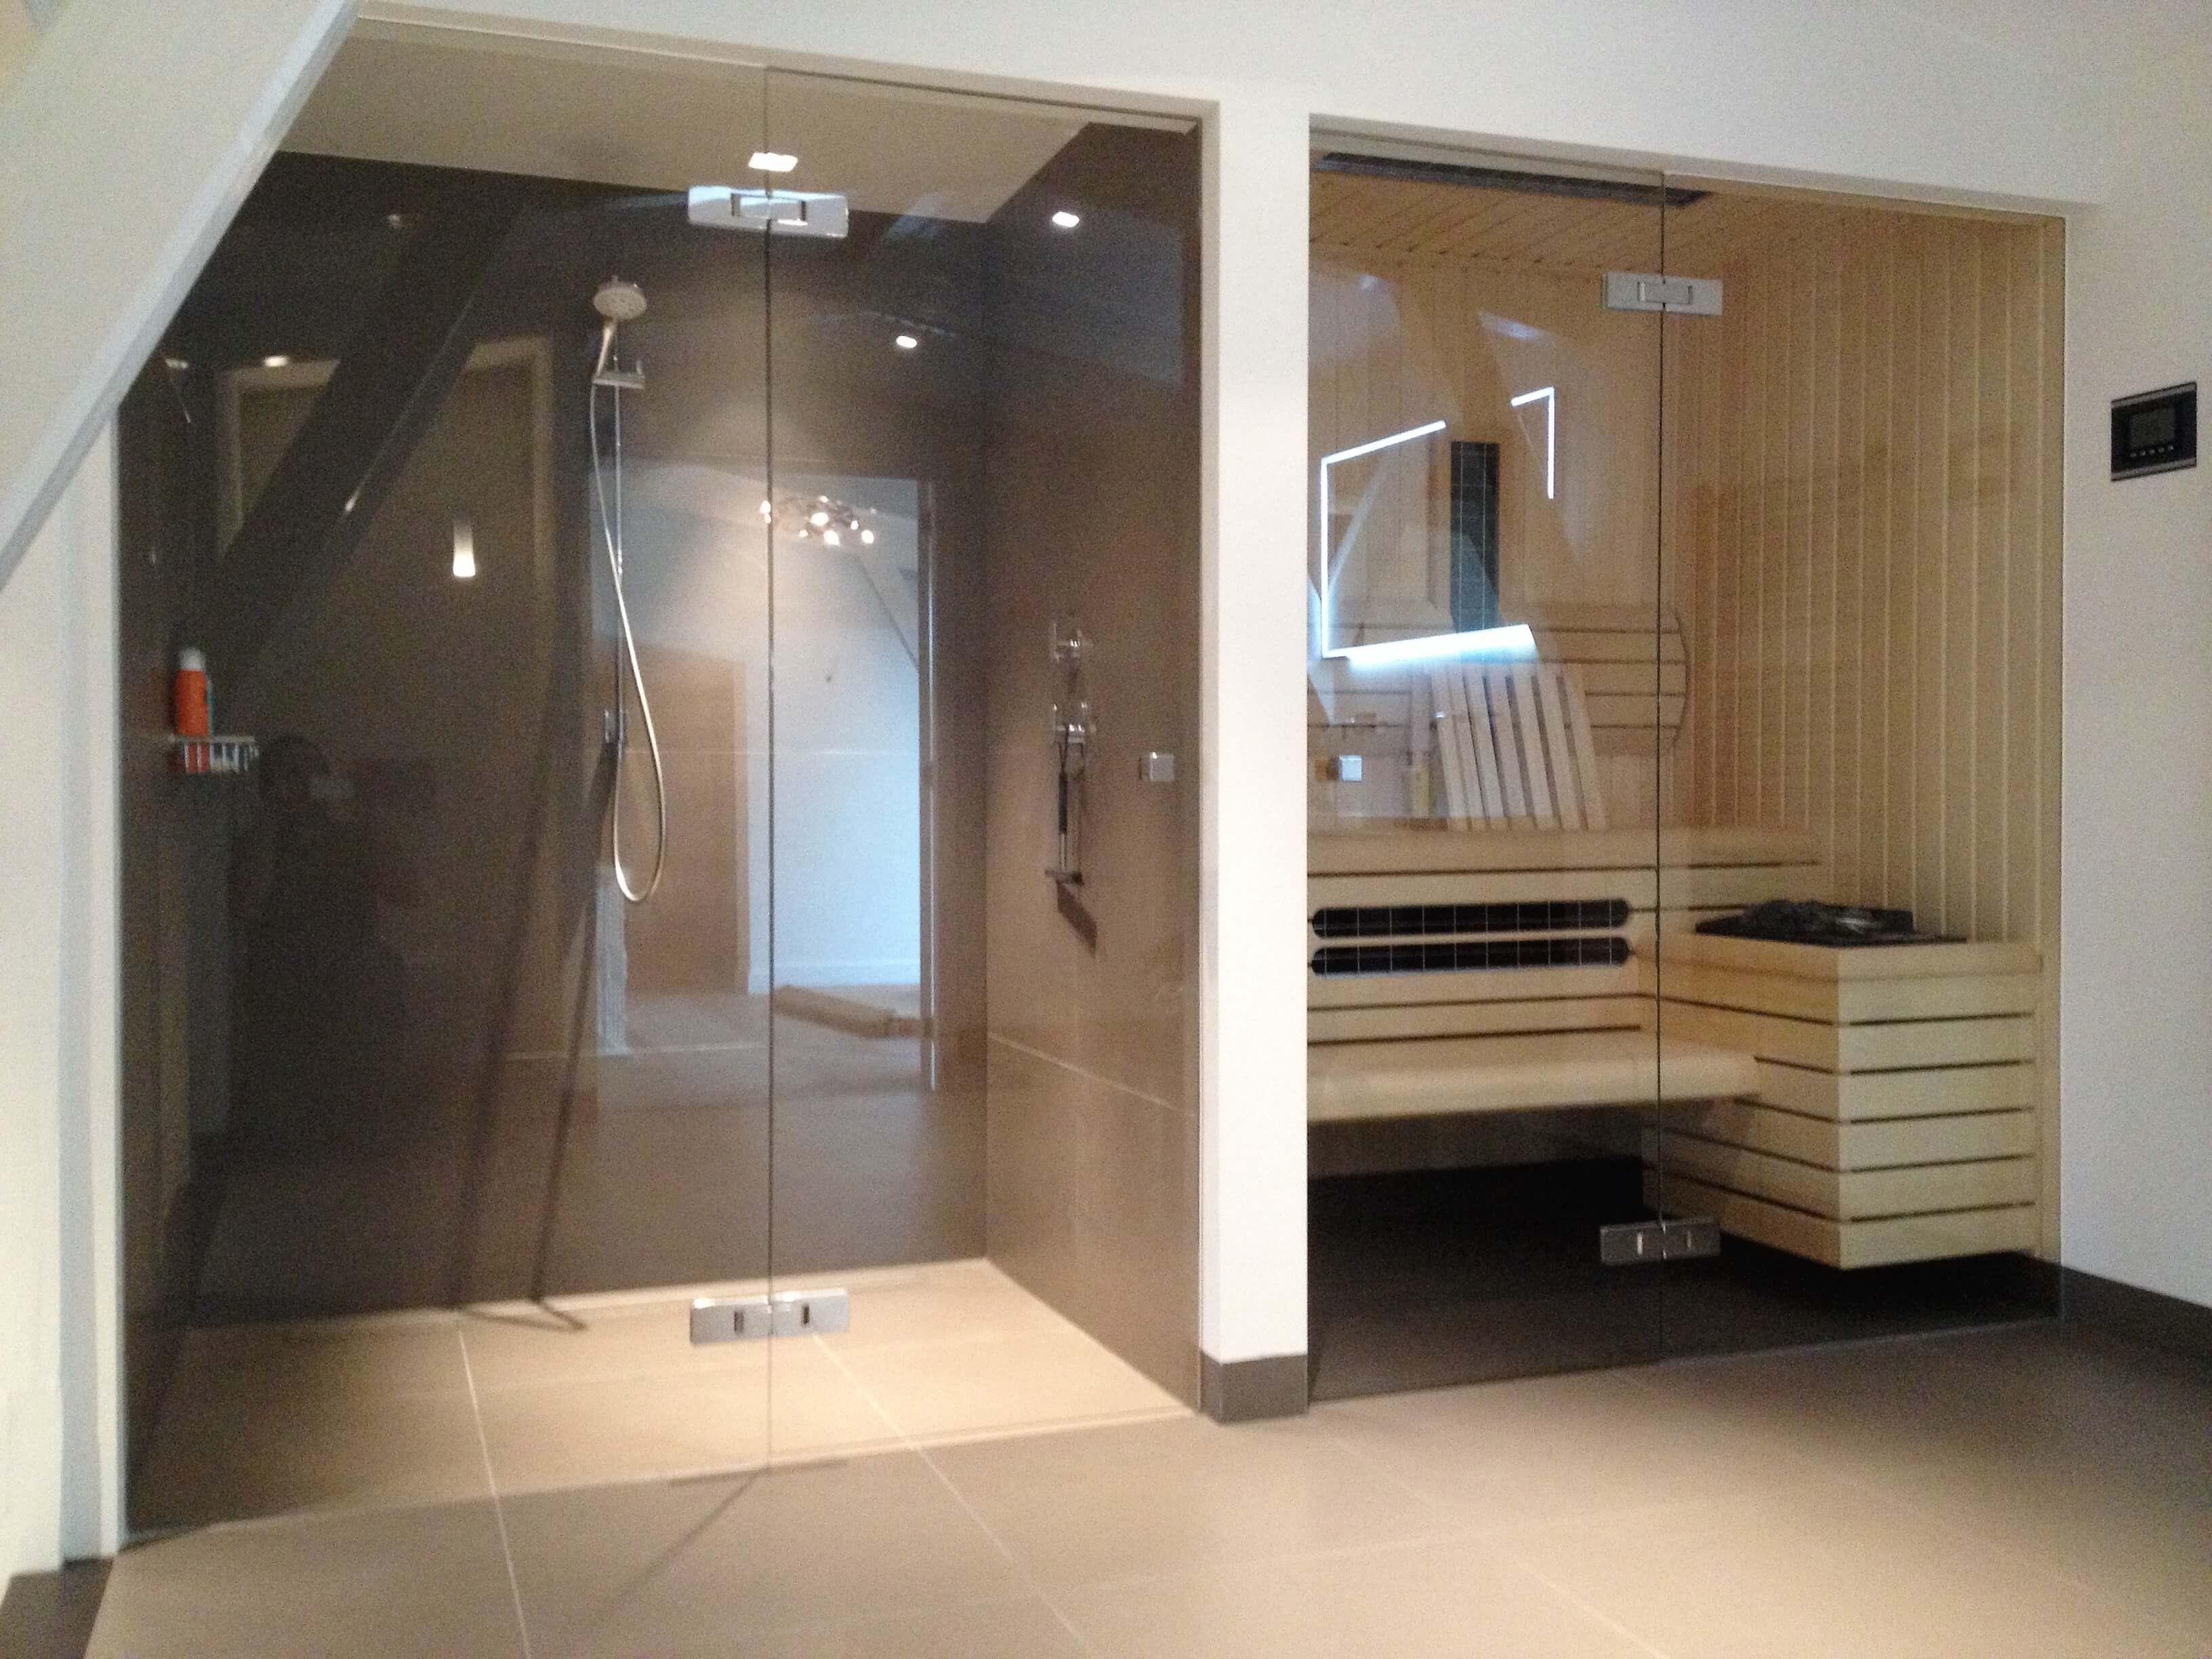 Badkamer Laten Maken : Een sauna volledig op maat laten maken in uw badkamer bij